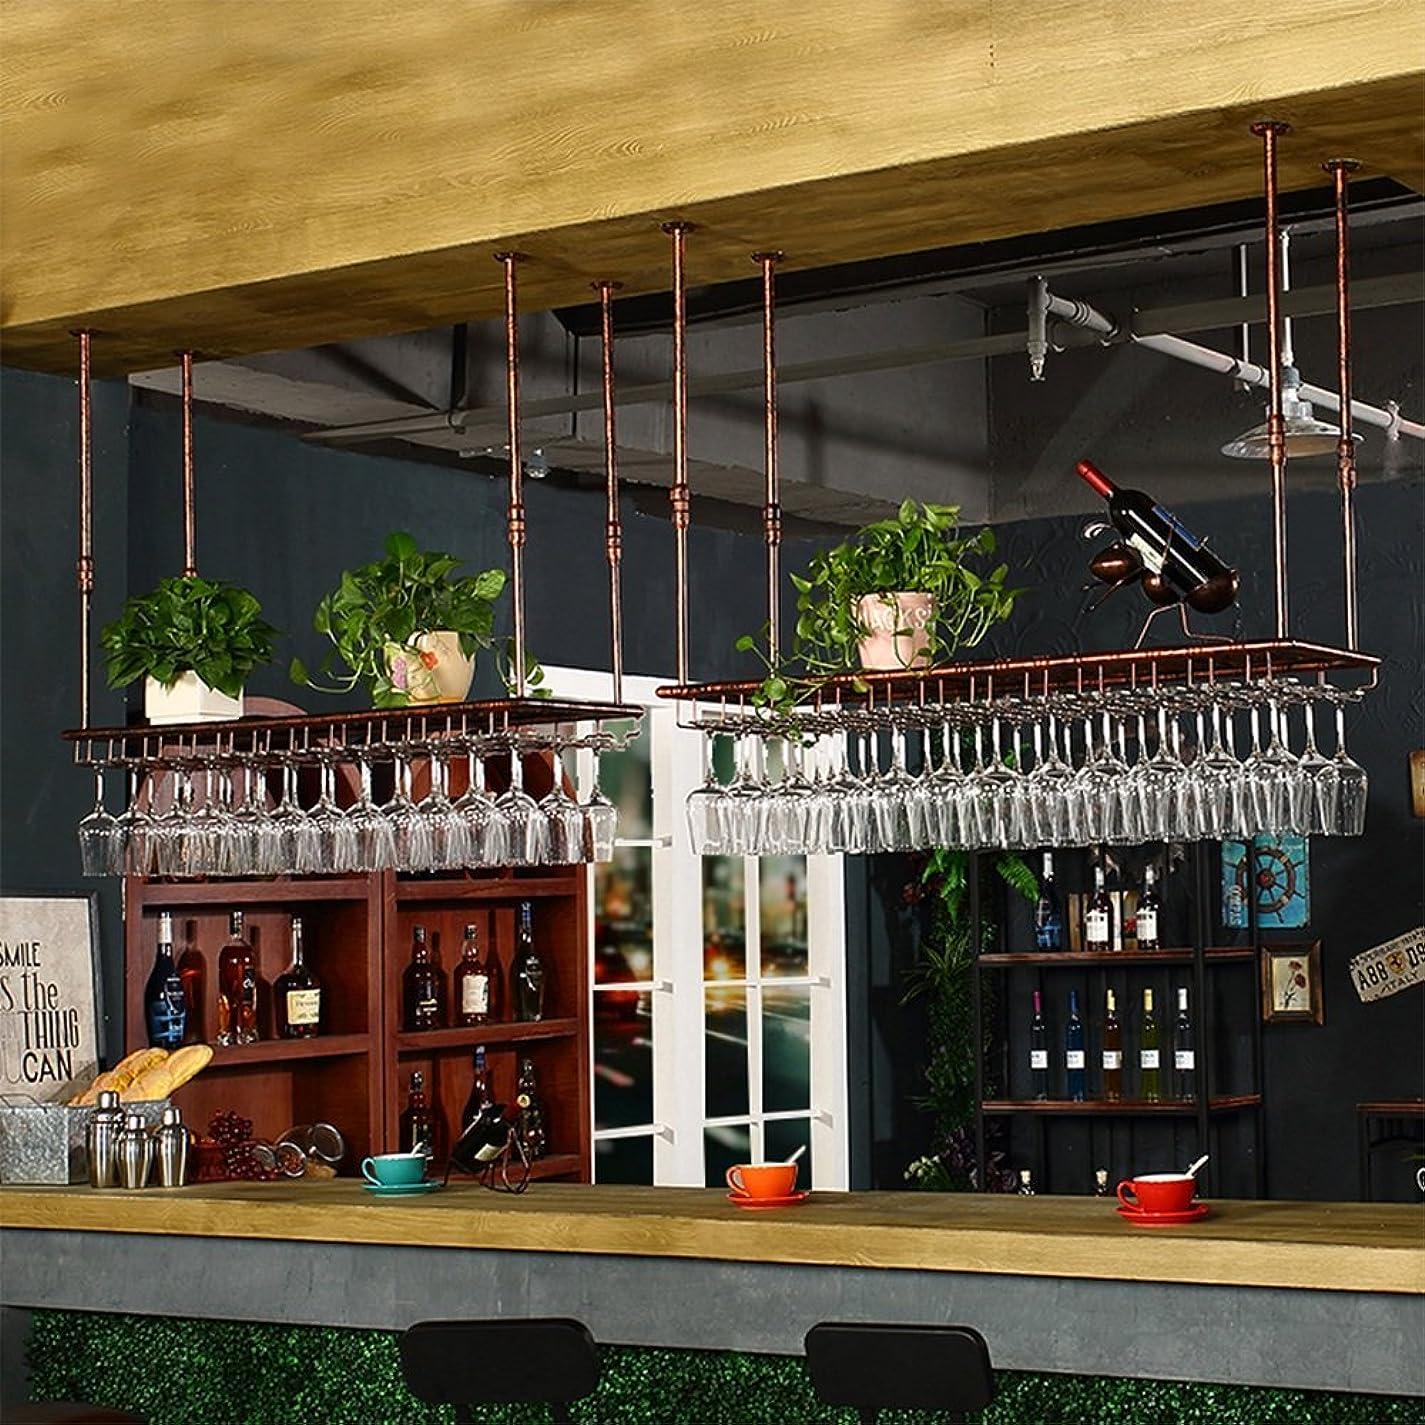 含む王女衝動Mei Xu ワインラック 鍛鉄ブラック/ブロンズバー彫刻されたワイングラスラック2色4吊り可能 ウォールマウントワインラック (色 : ブロンズ, サイズ さいず : 60*35*7cm)